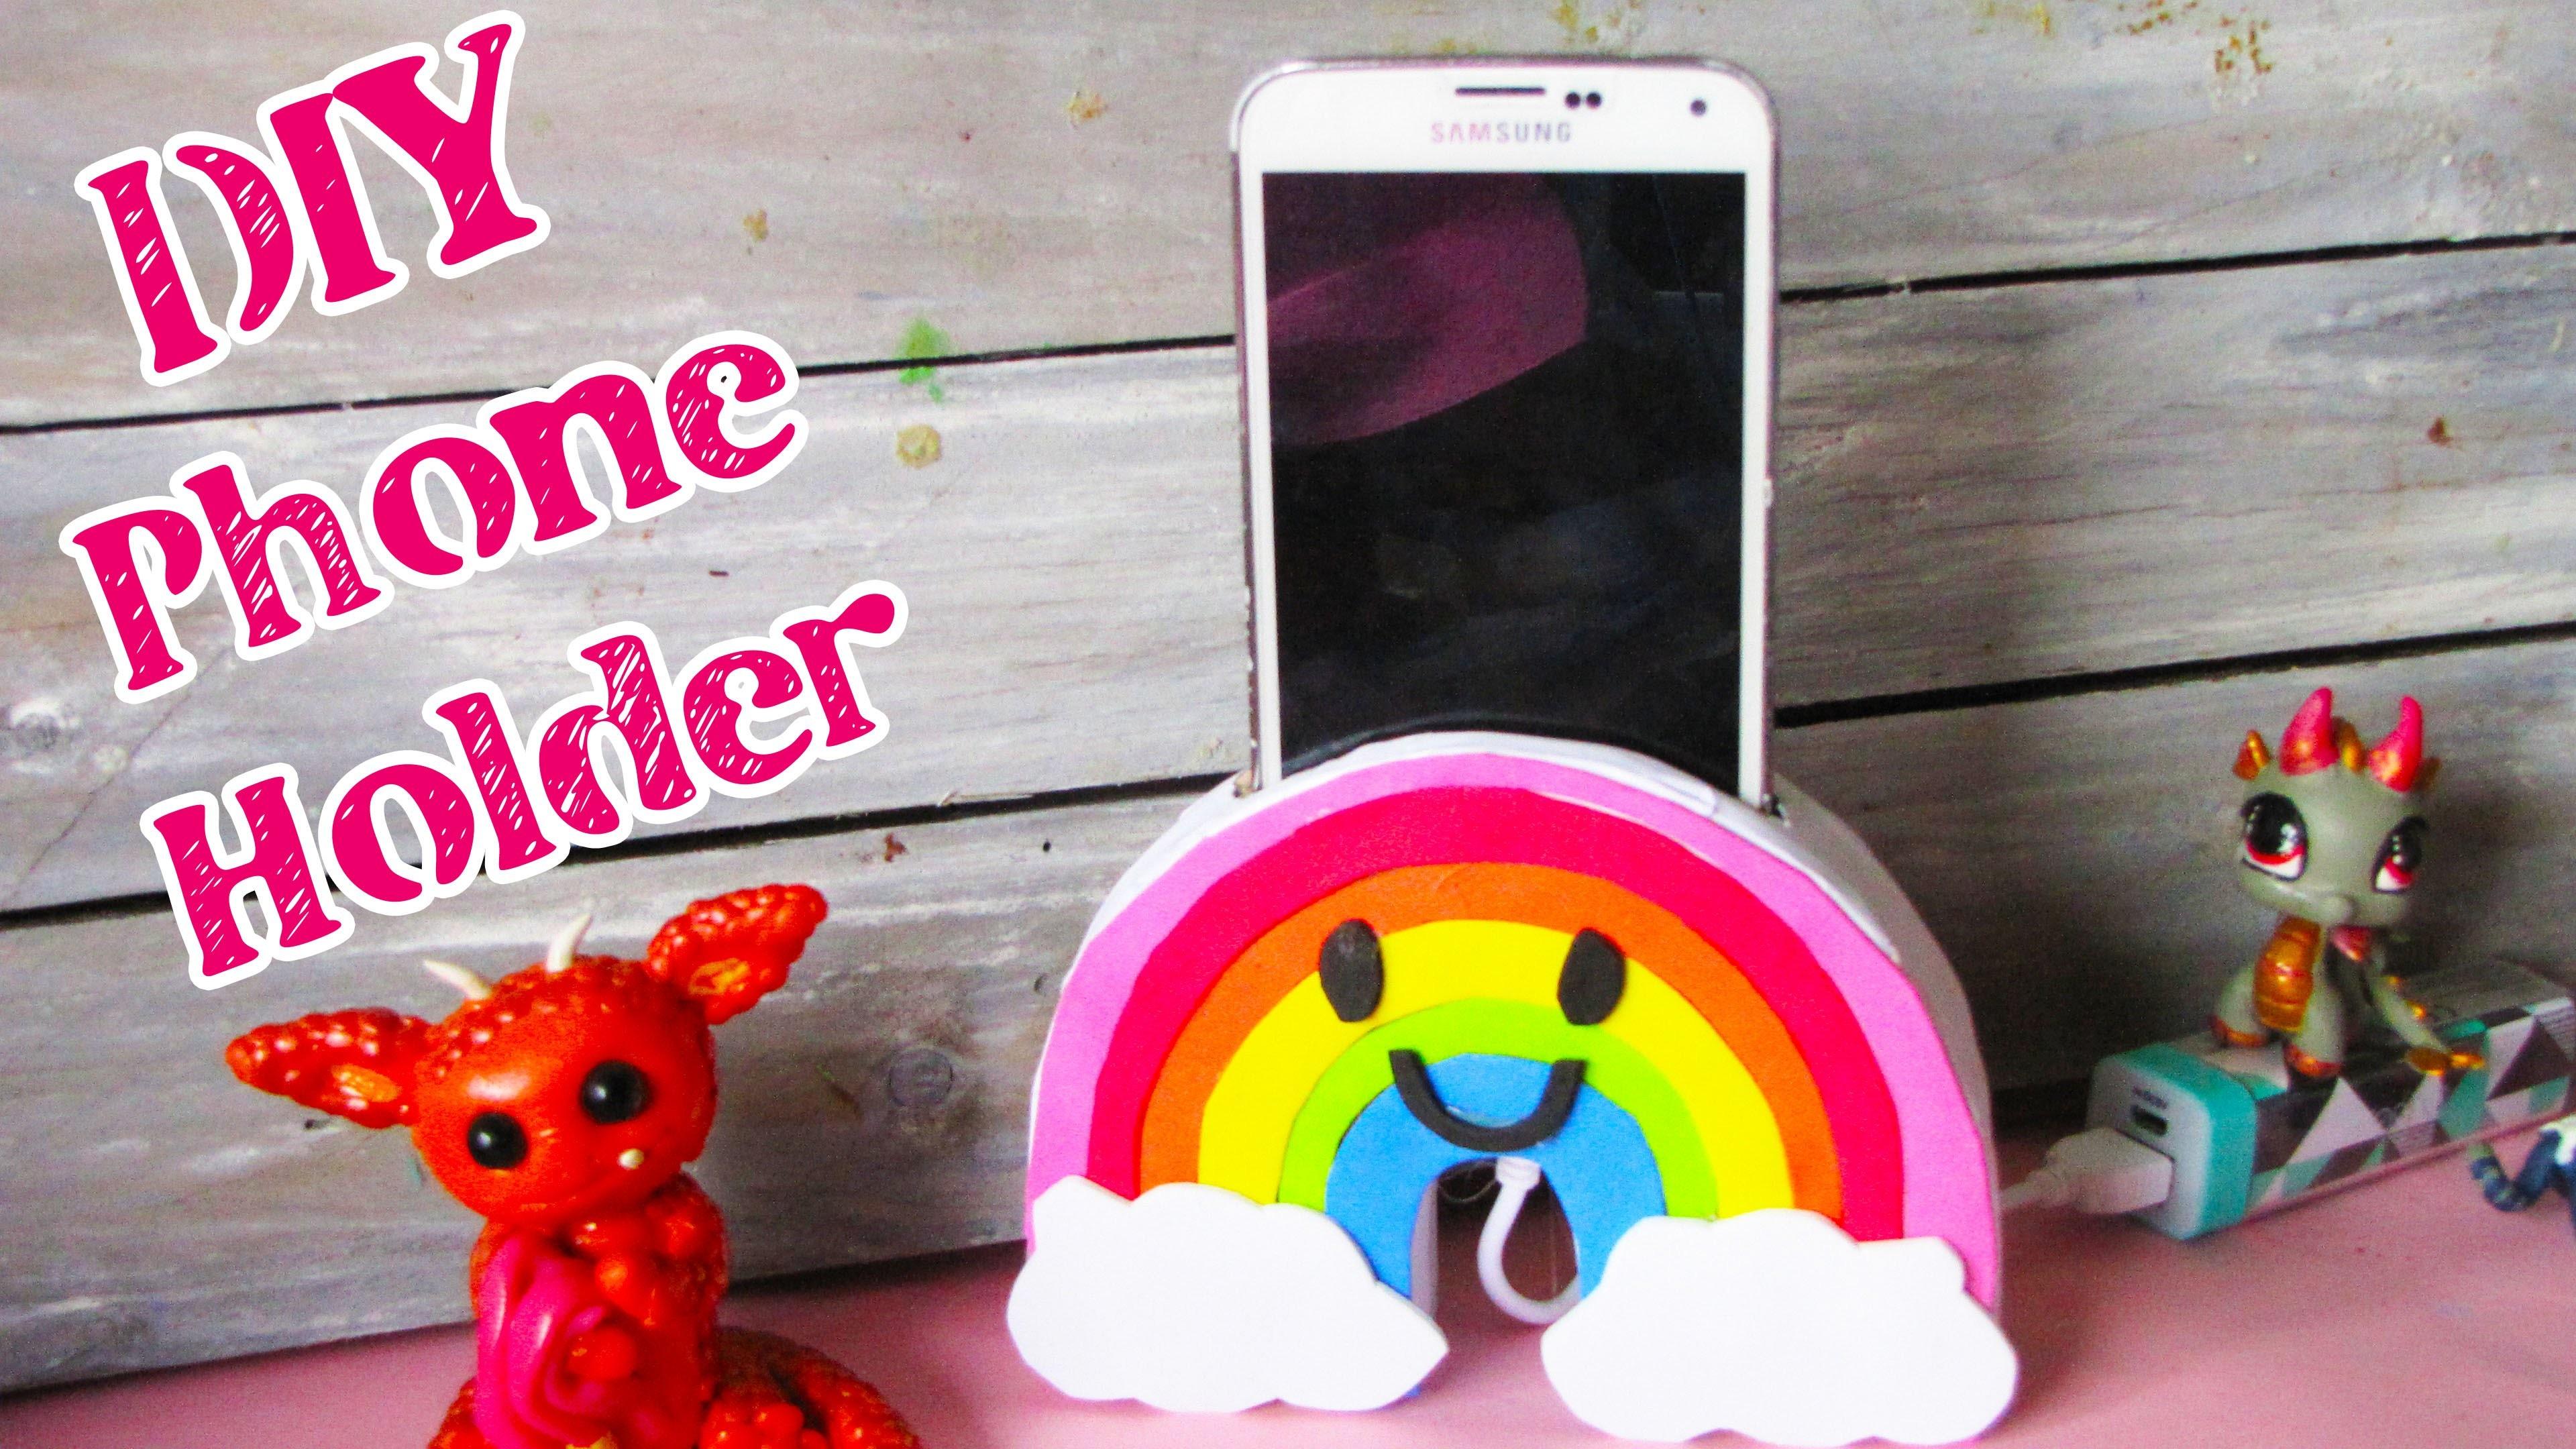 Diy Kamer Decoratie : Diy regenboog telefoon houder kawaii kamer decoratie